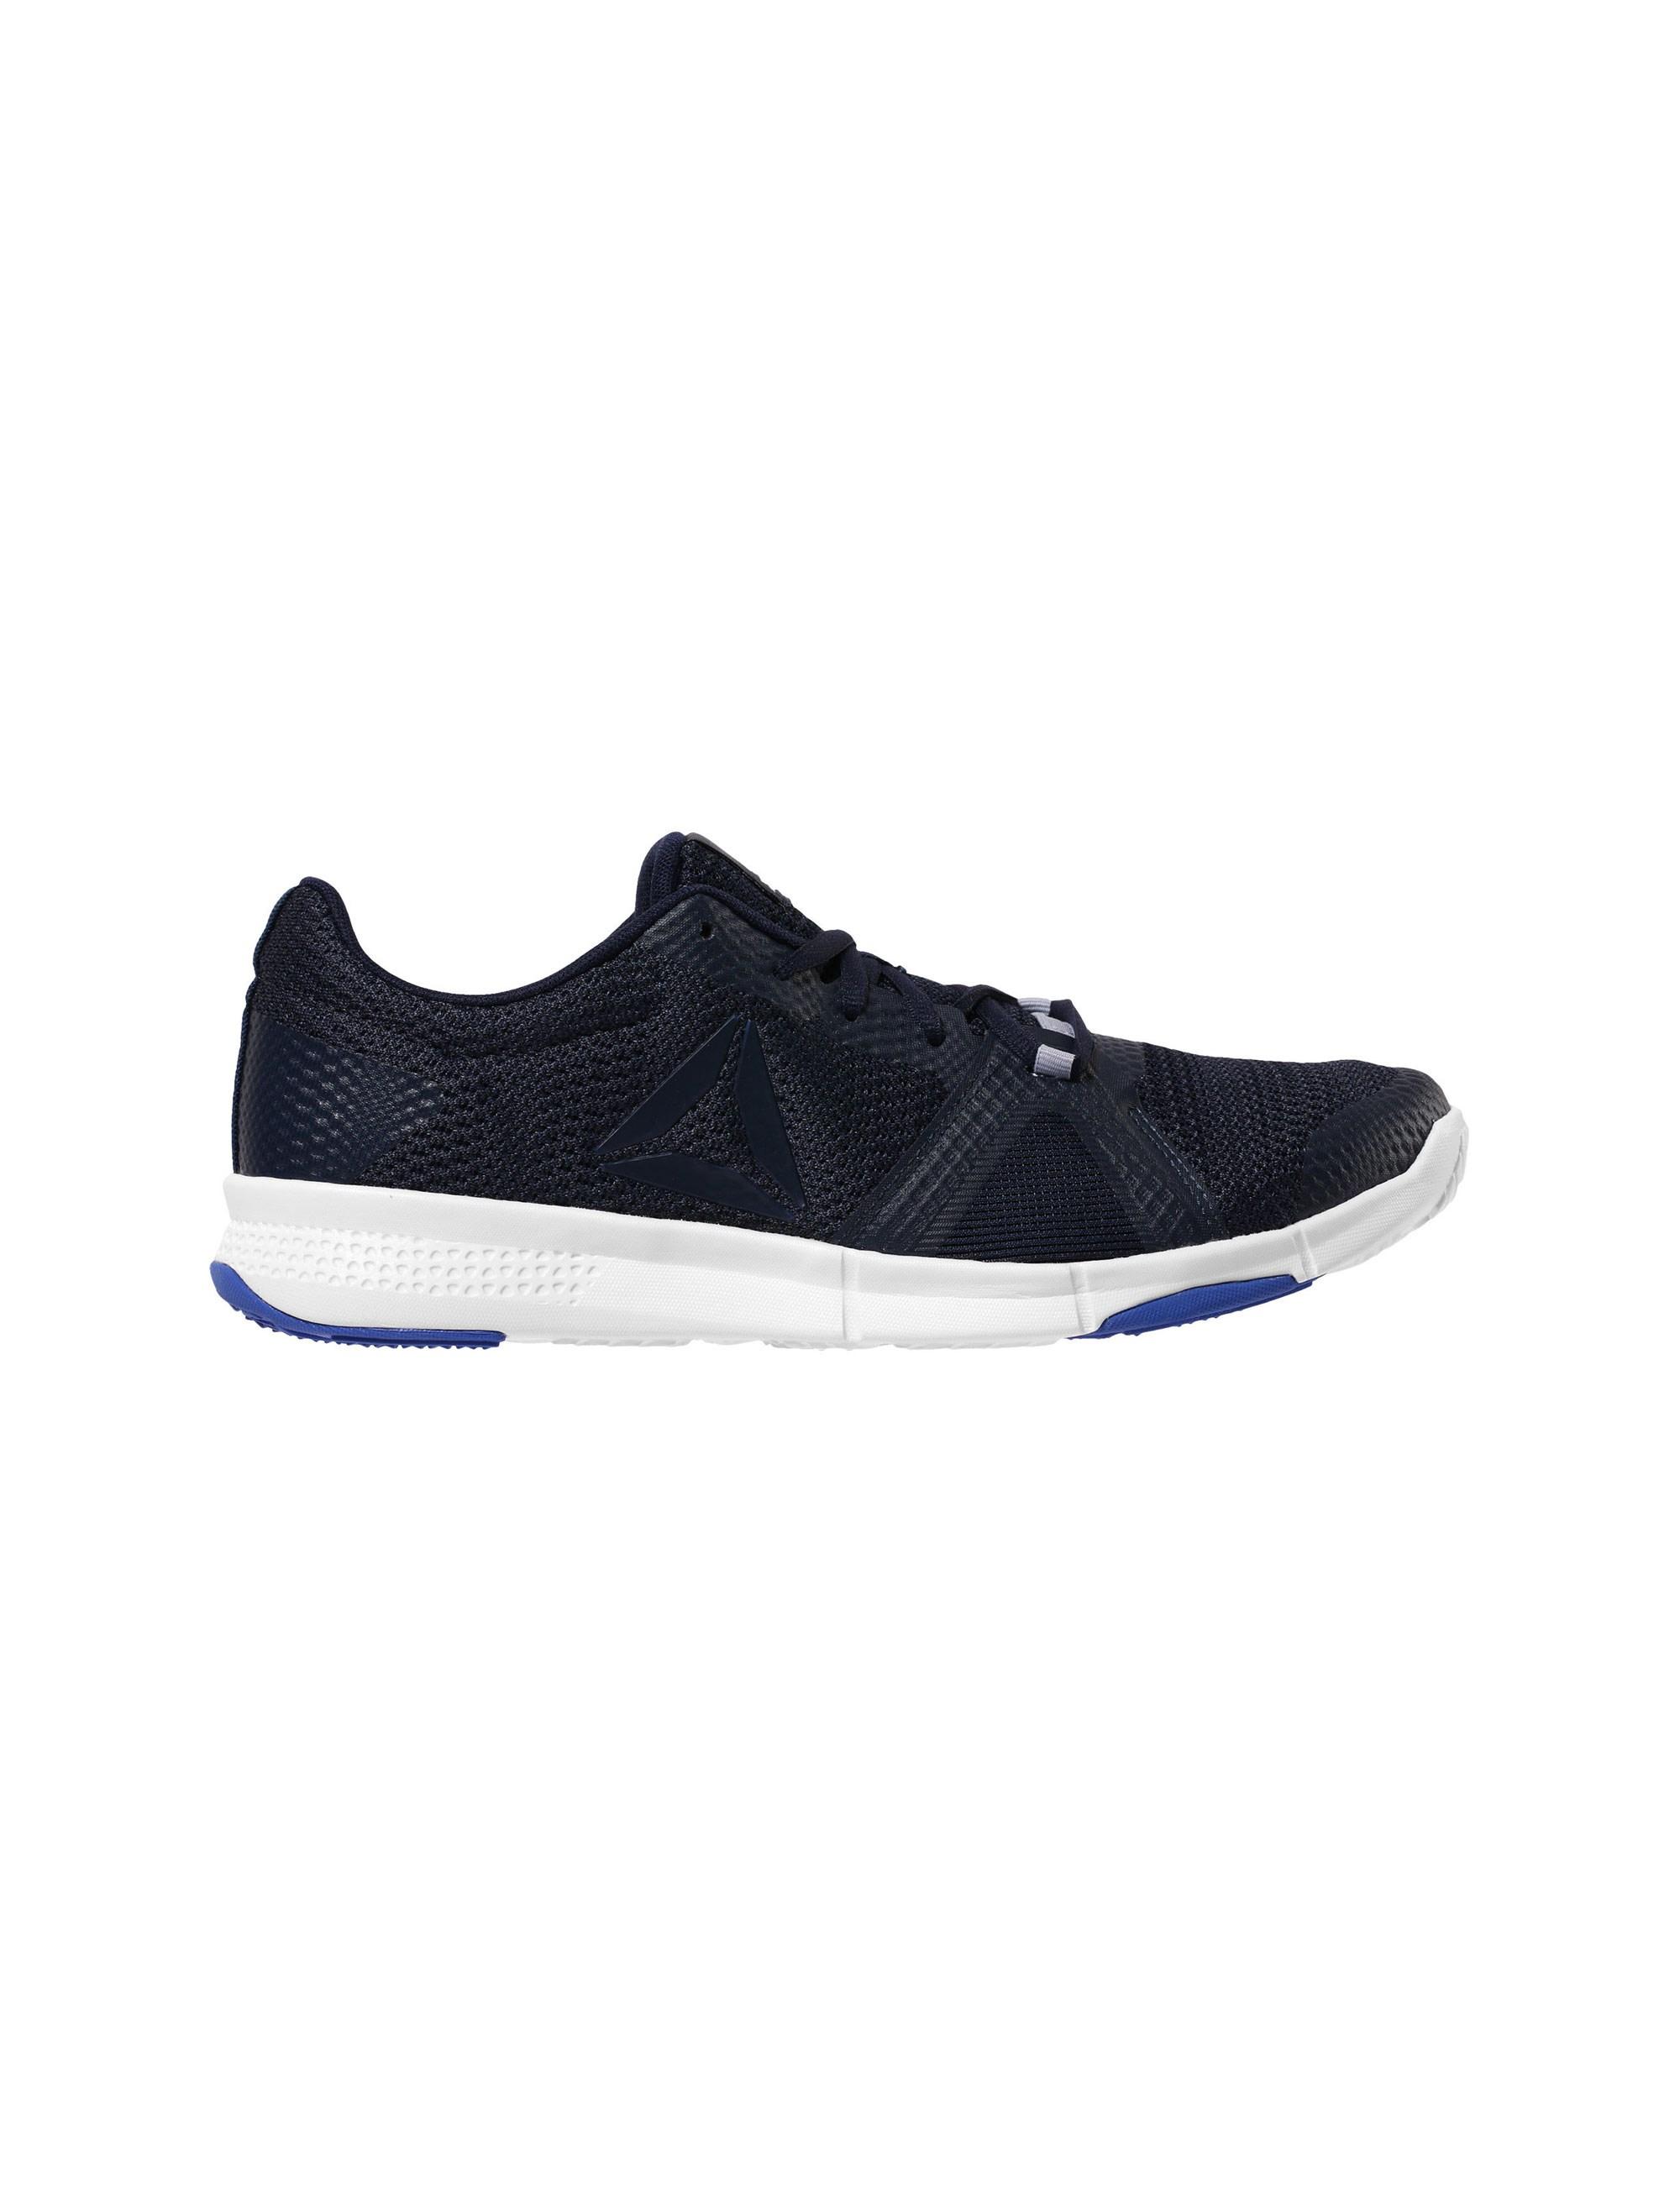 قیمت کفش تمرین بندی مردانه Flexile - ریباک